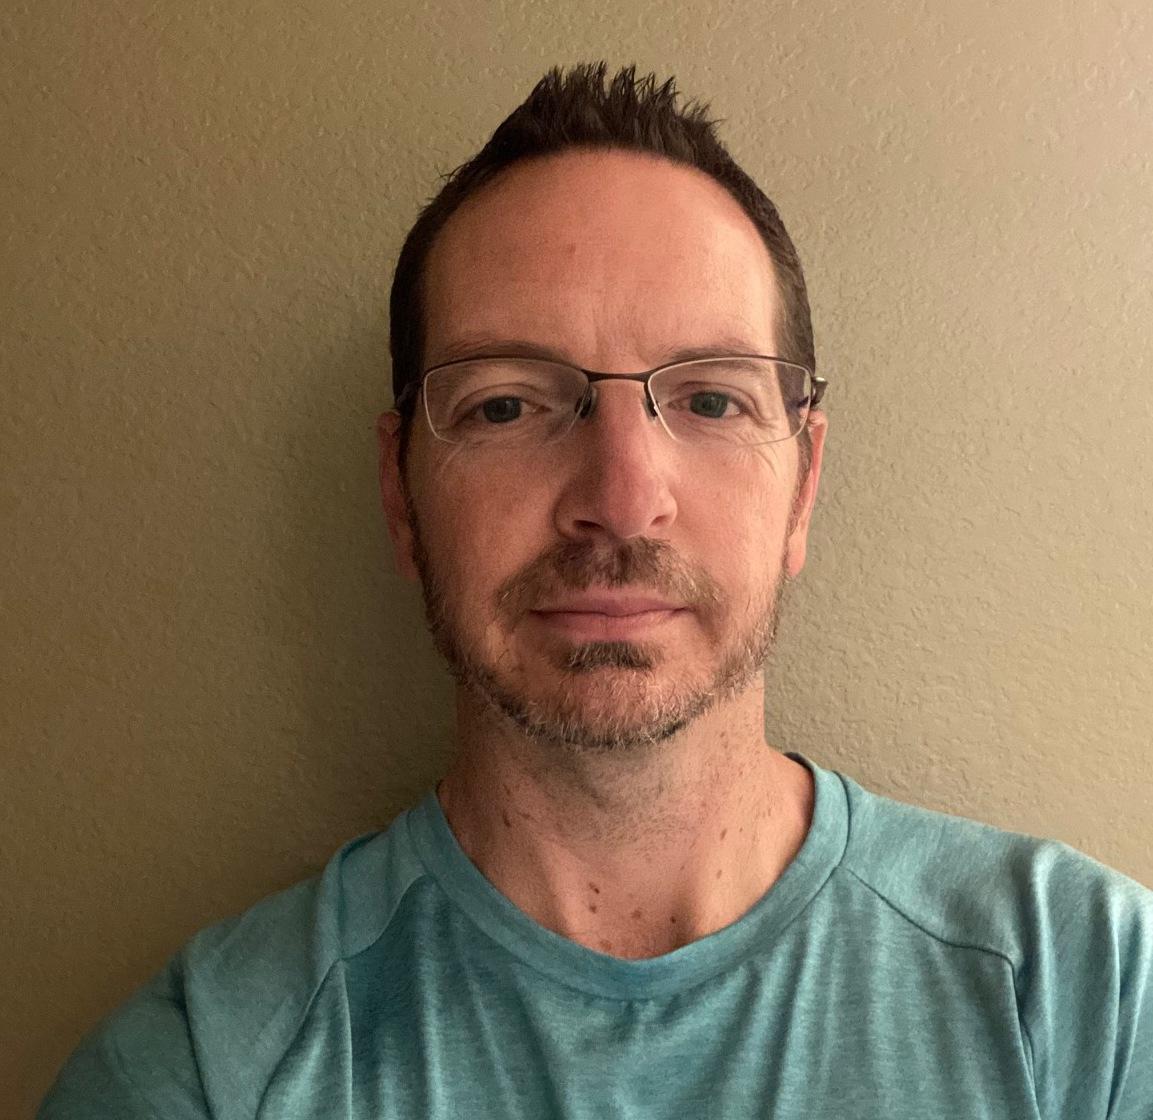 Shawn Smajstrla - Content Specialist